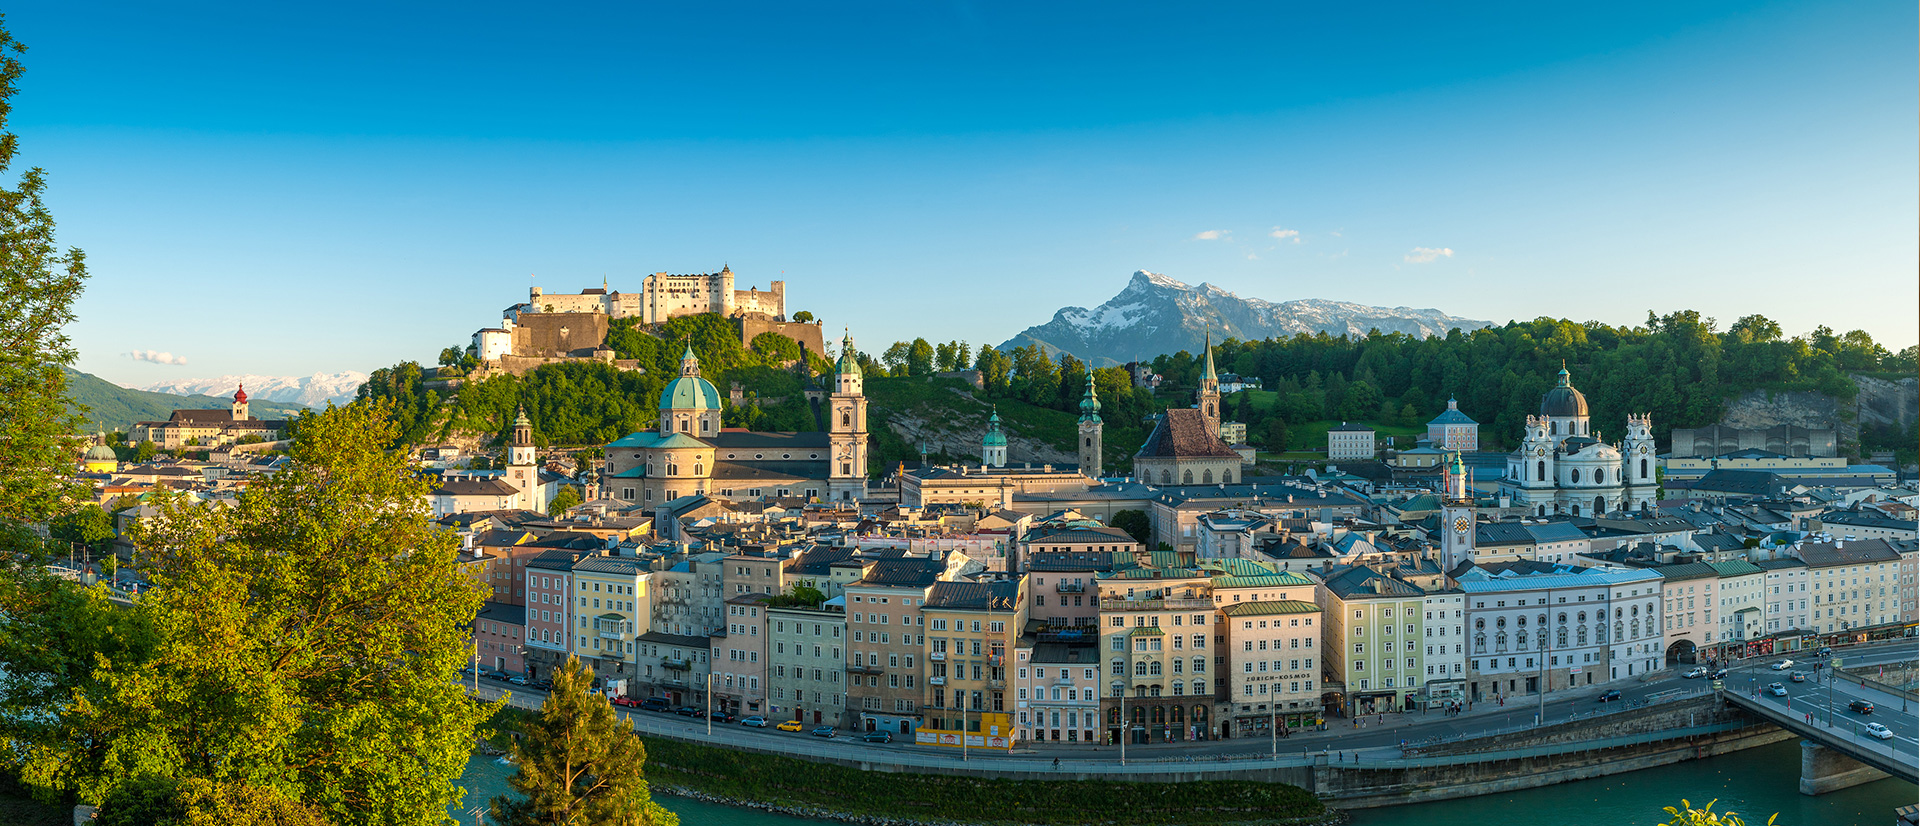 Entdecken Sie die Stadt Salzburg in Ihrem Urlaub in Österreich